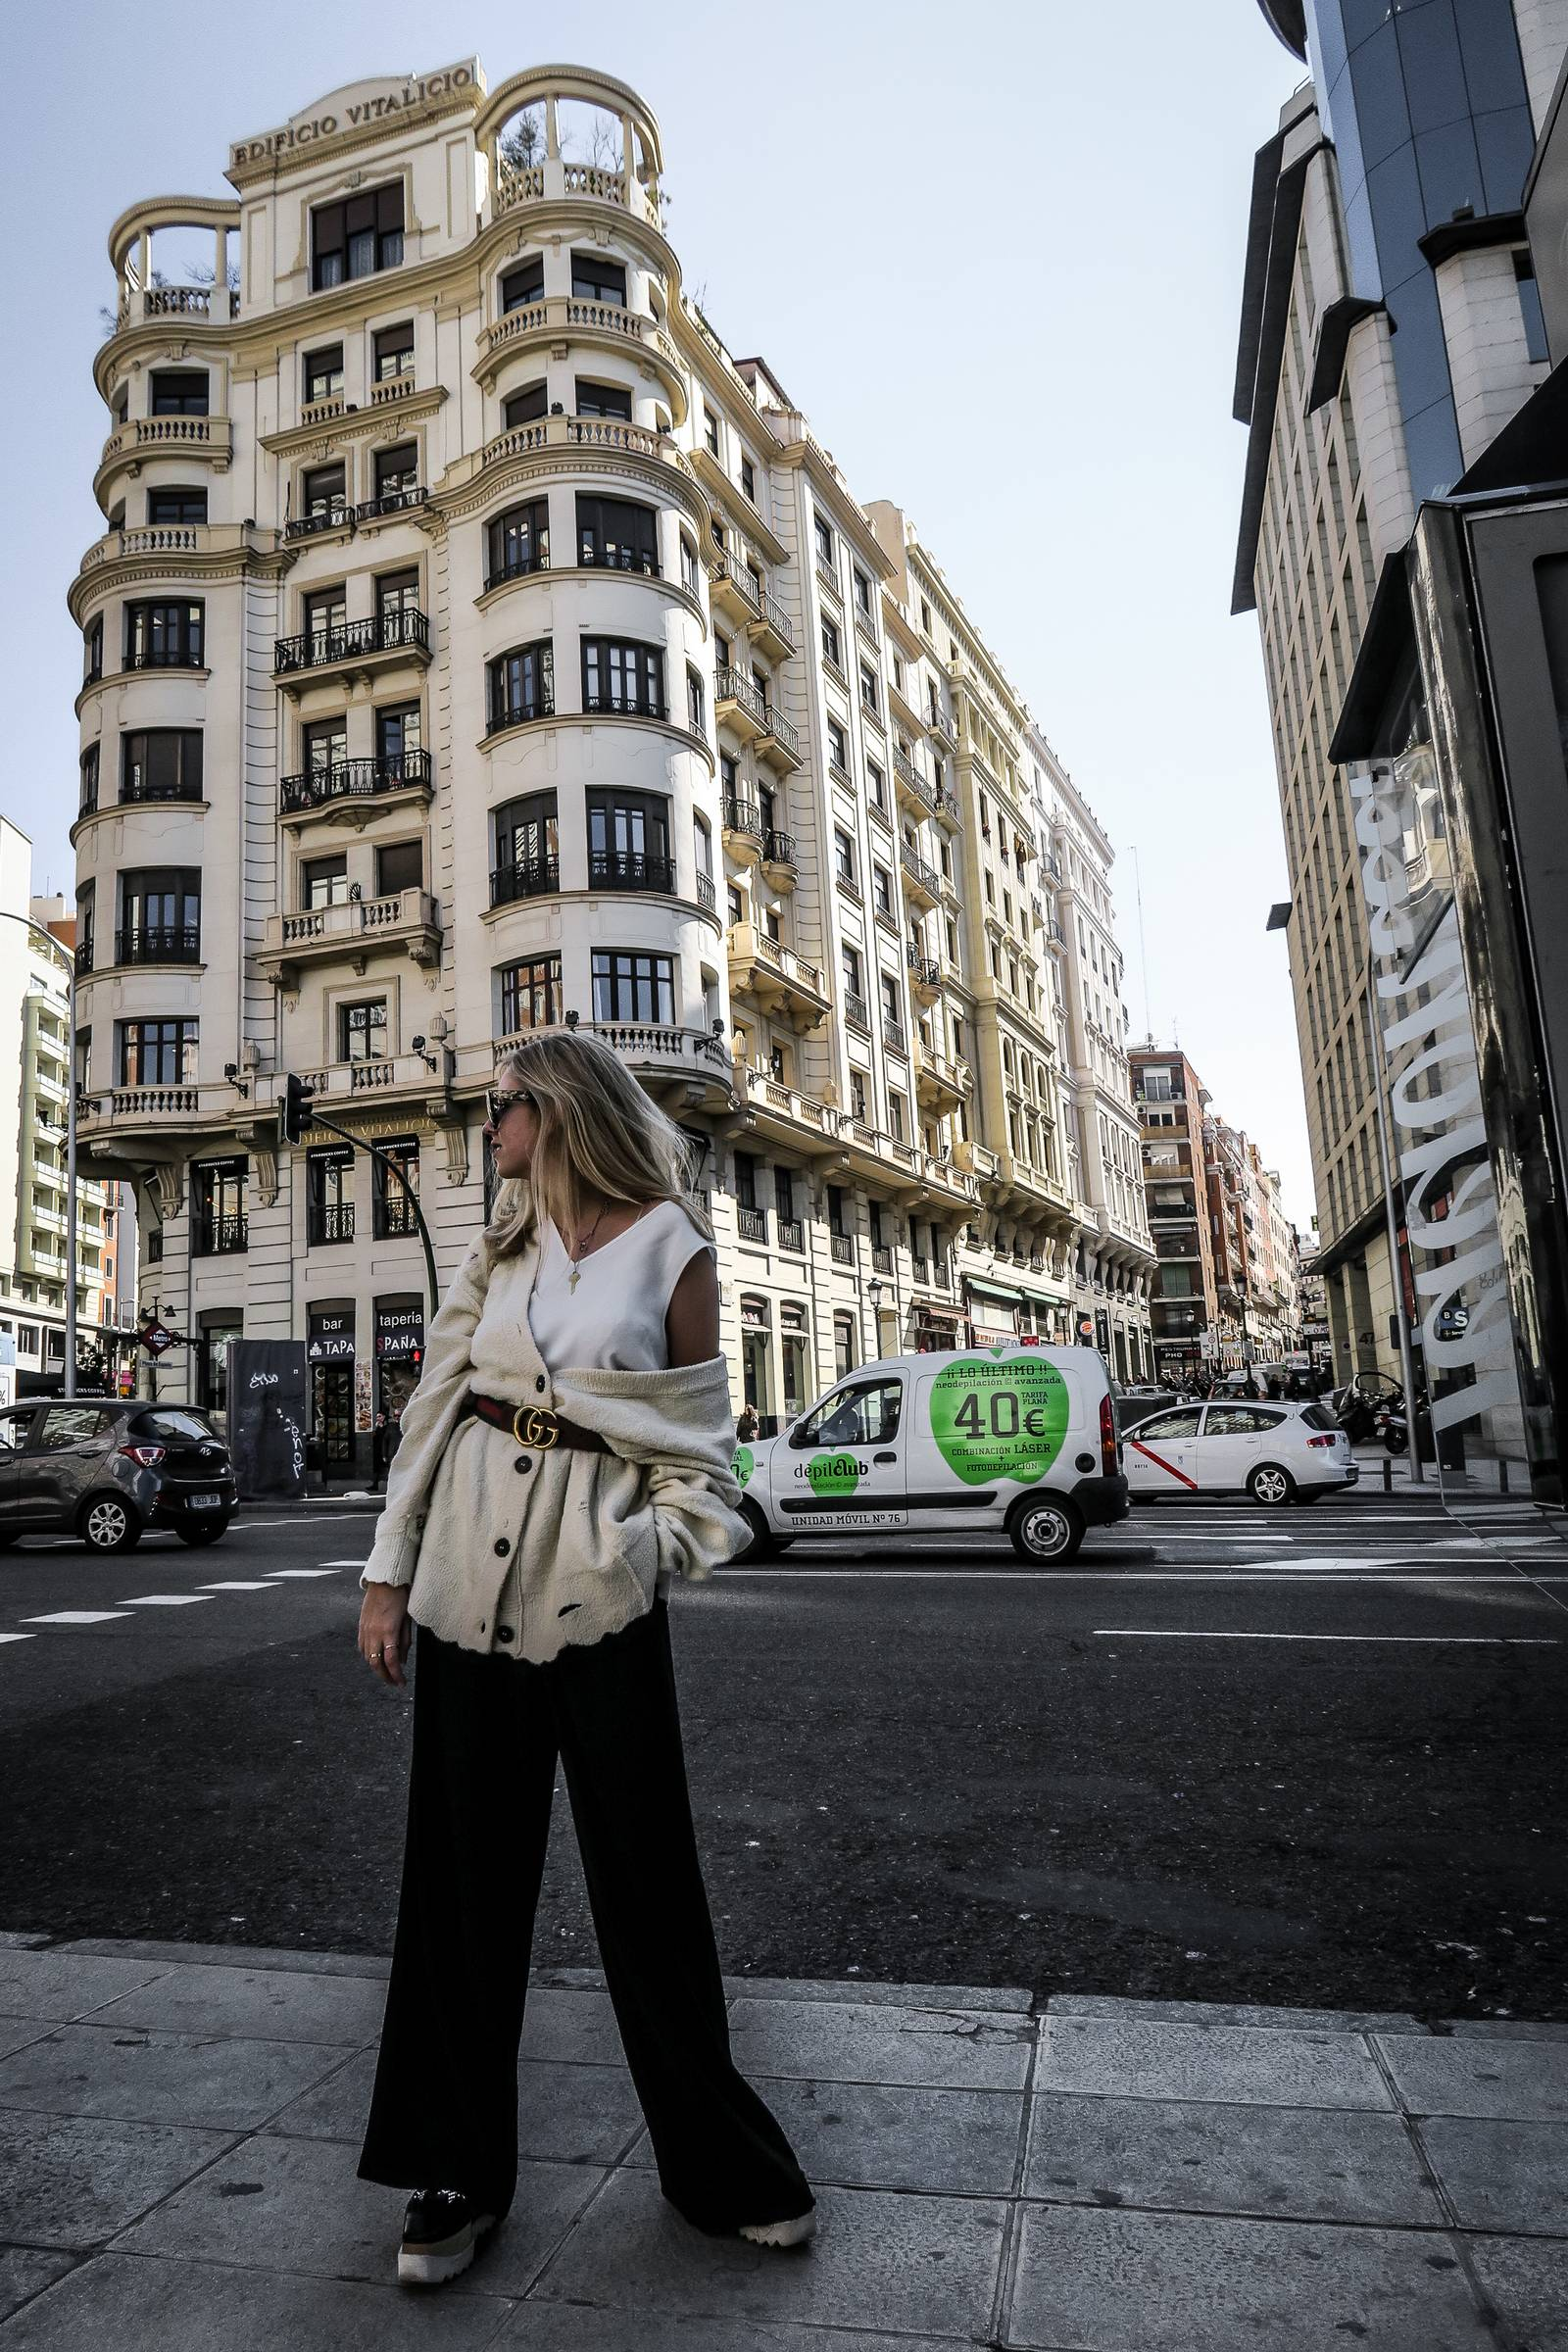 ANNA DE CODORNIU WINERY 27